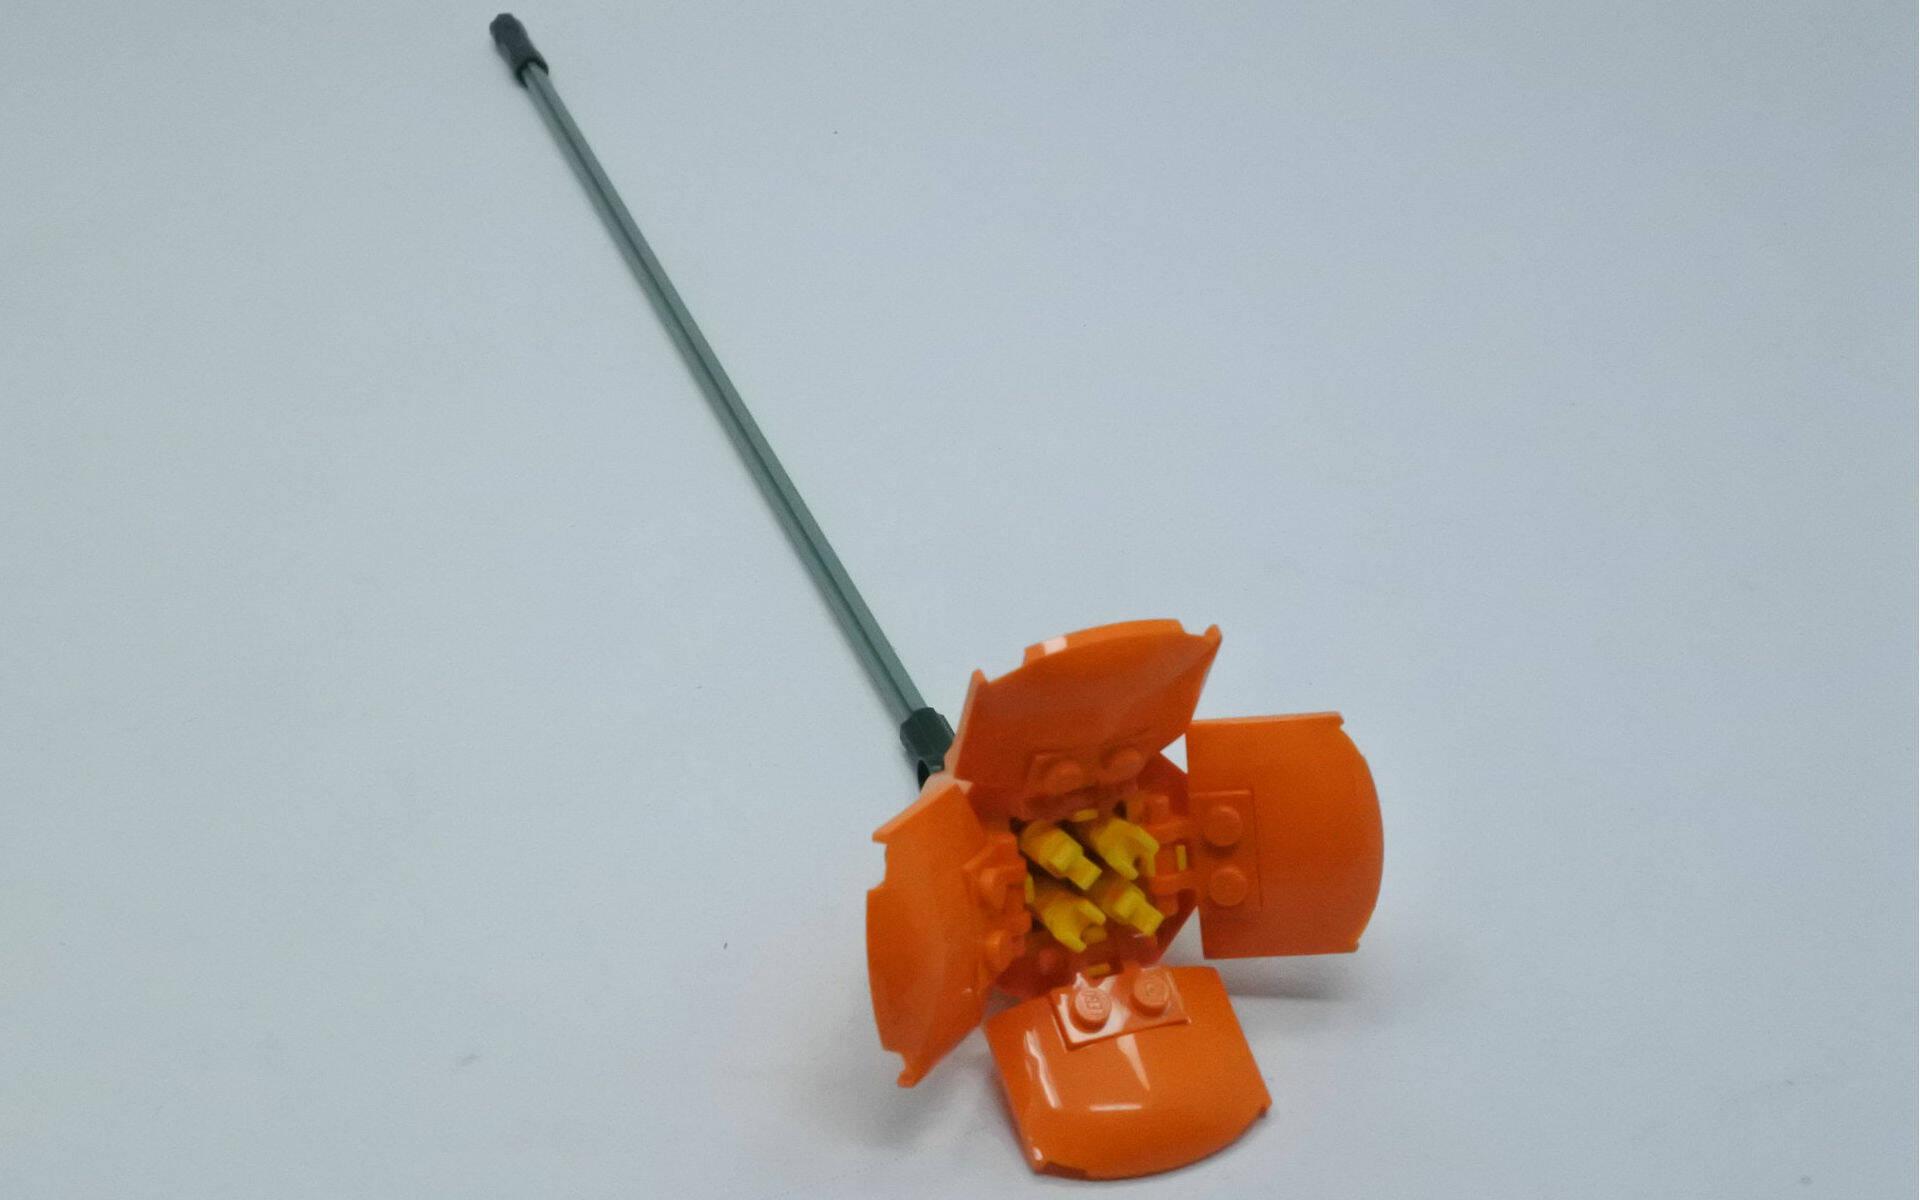 RECENSIONE LEGO BOTANICAL #10280 BOUQUET DI FIORI